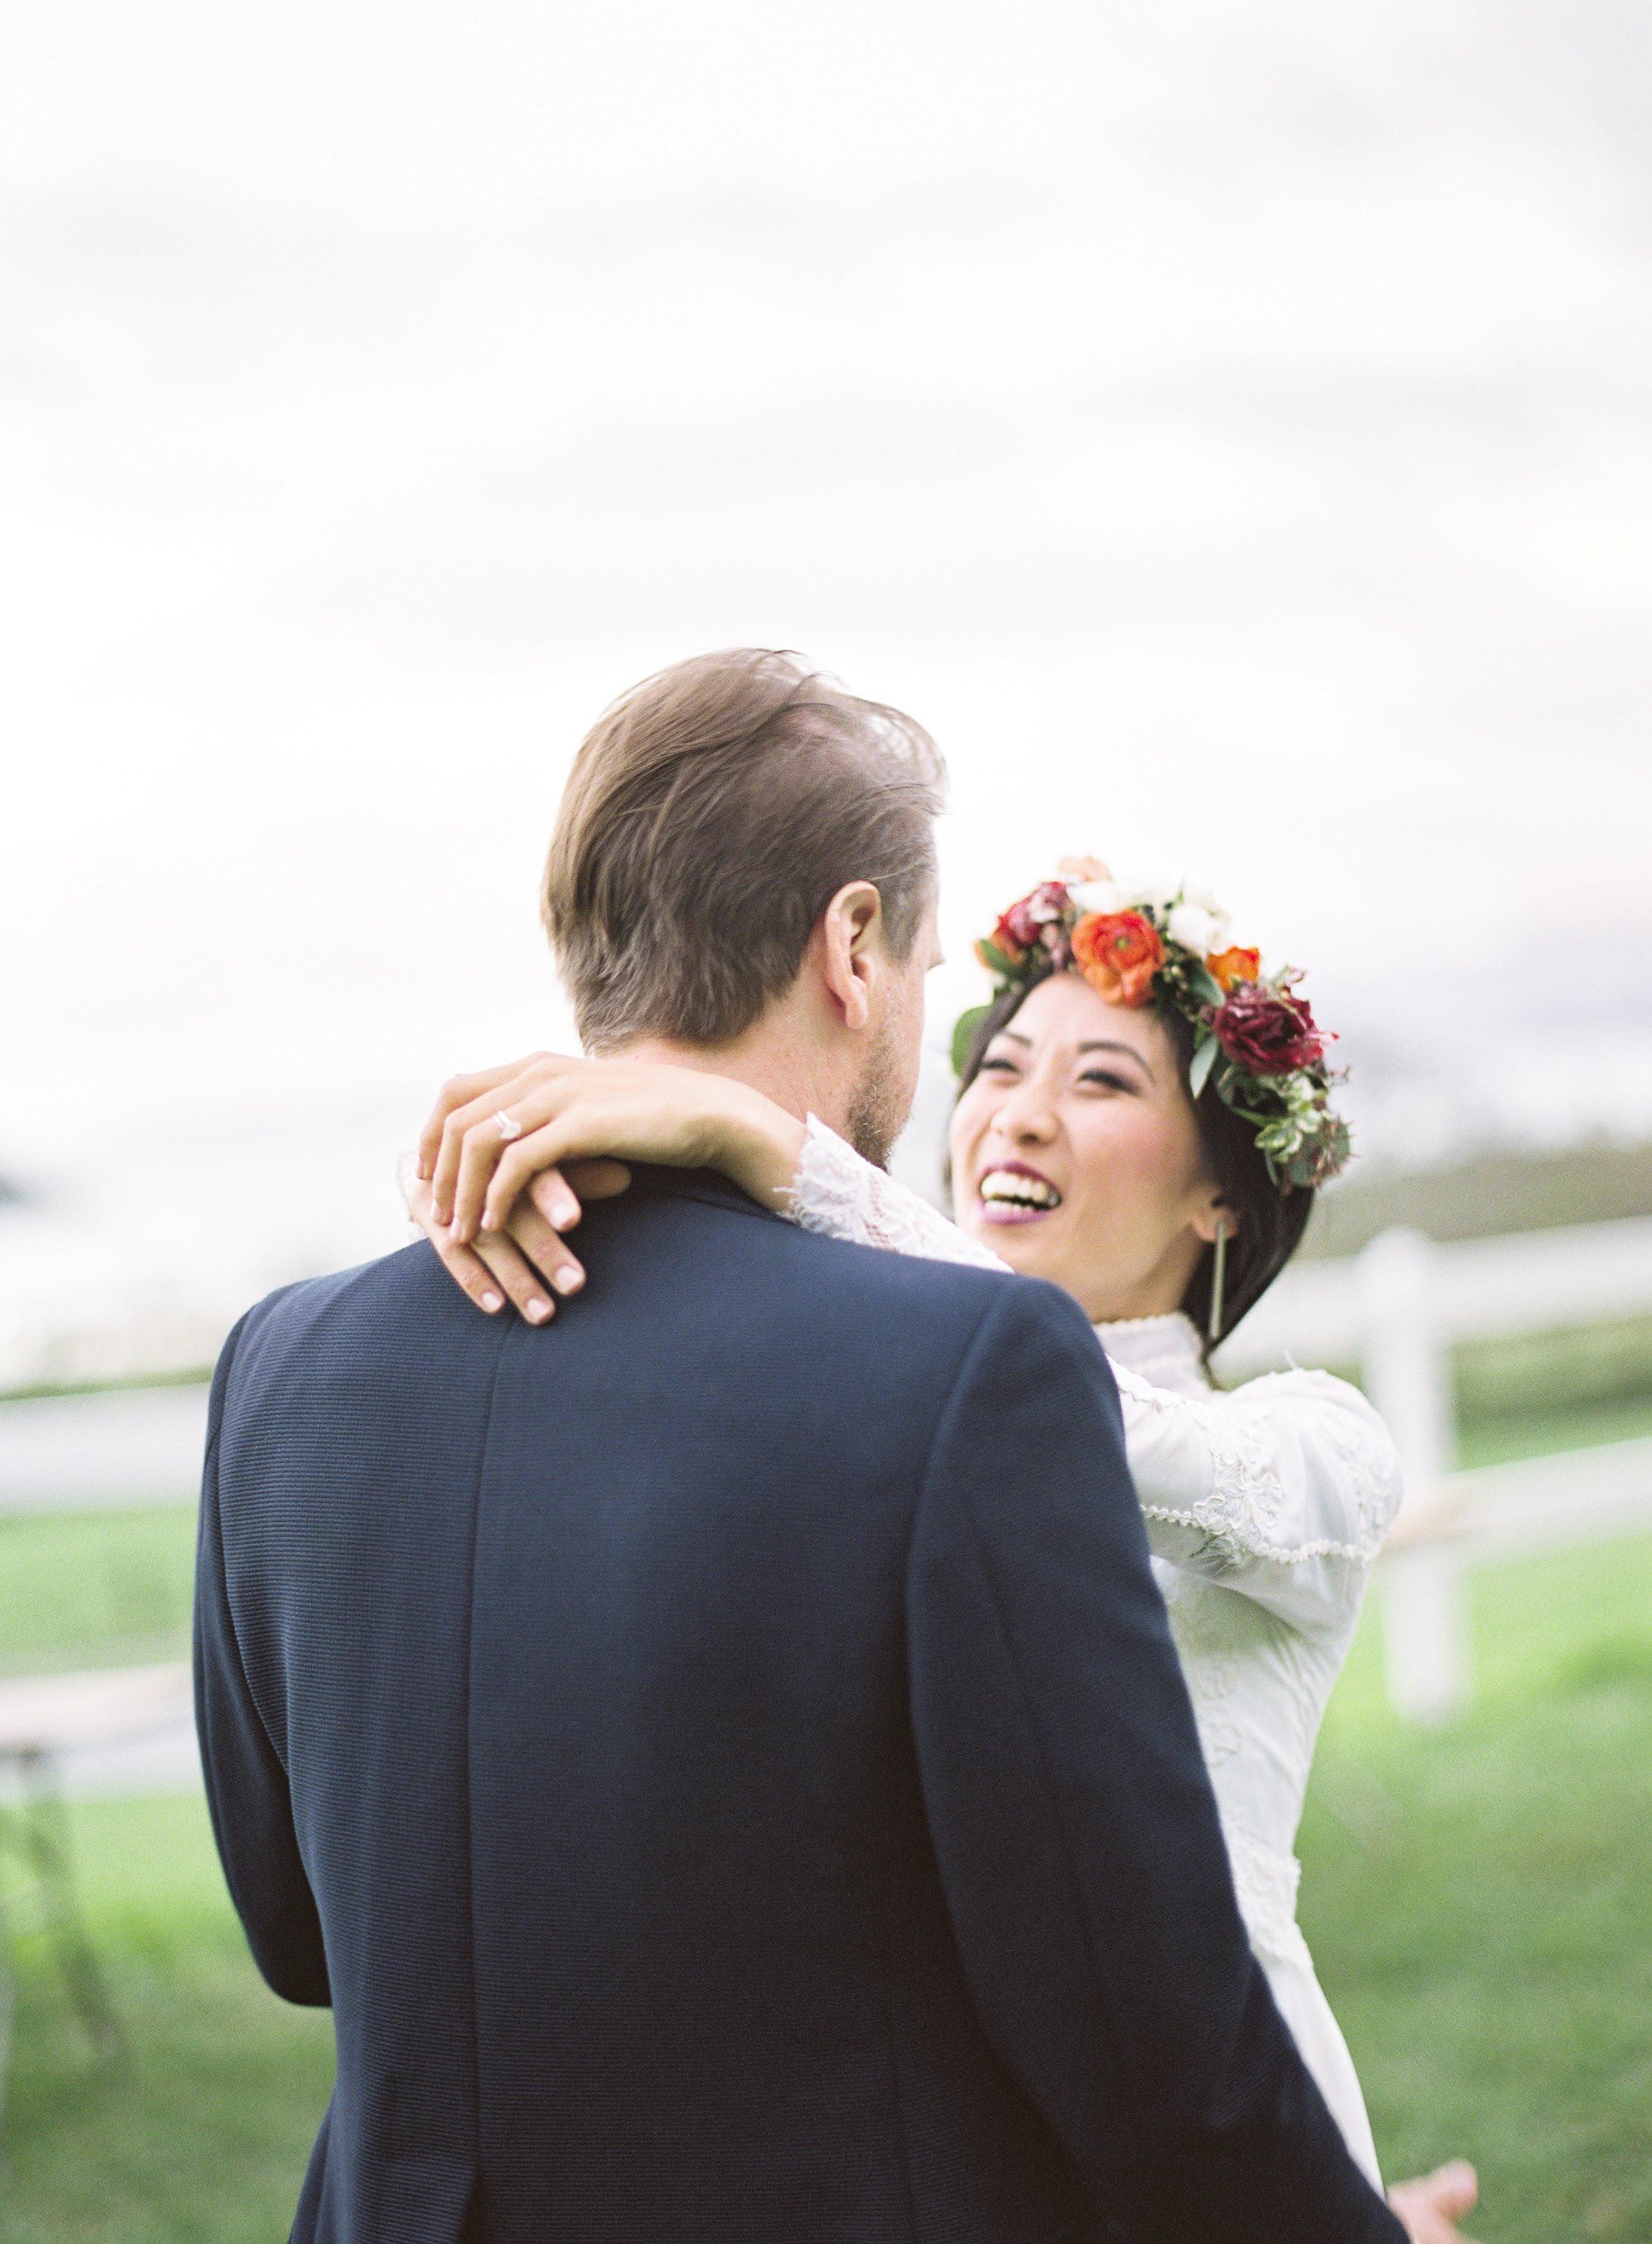 Bride smiles, embracing groom